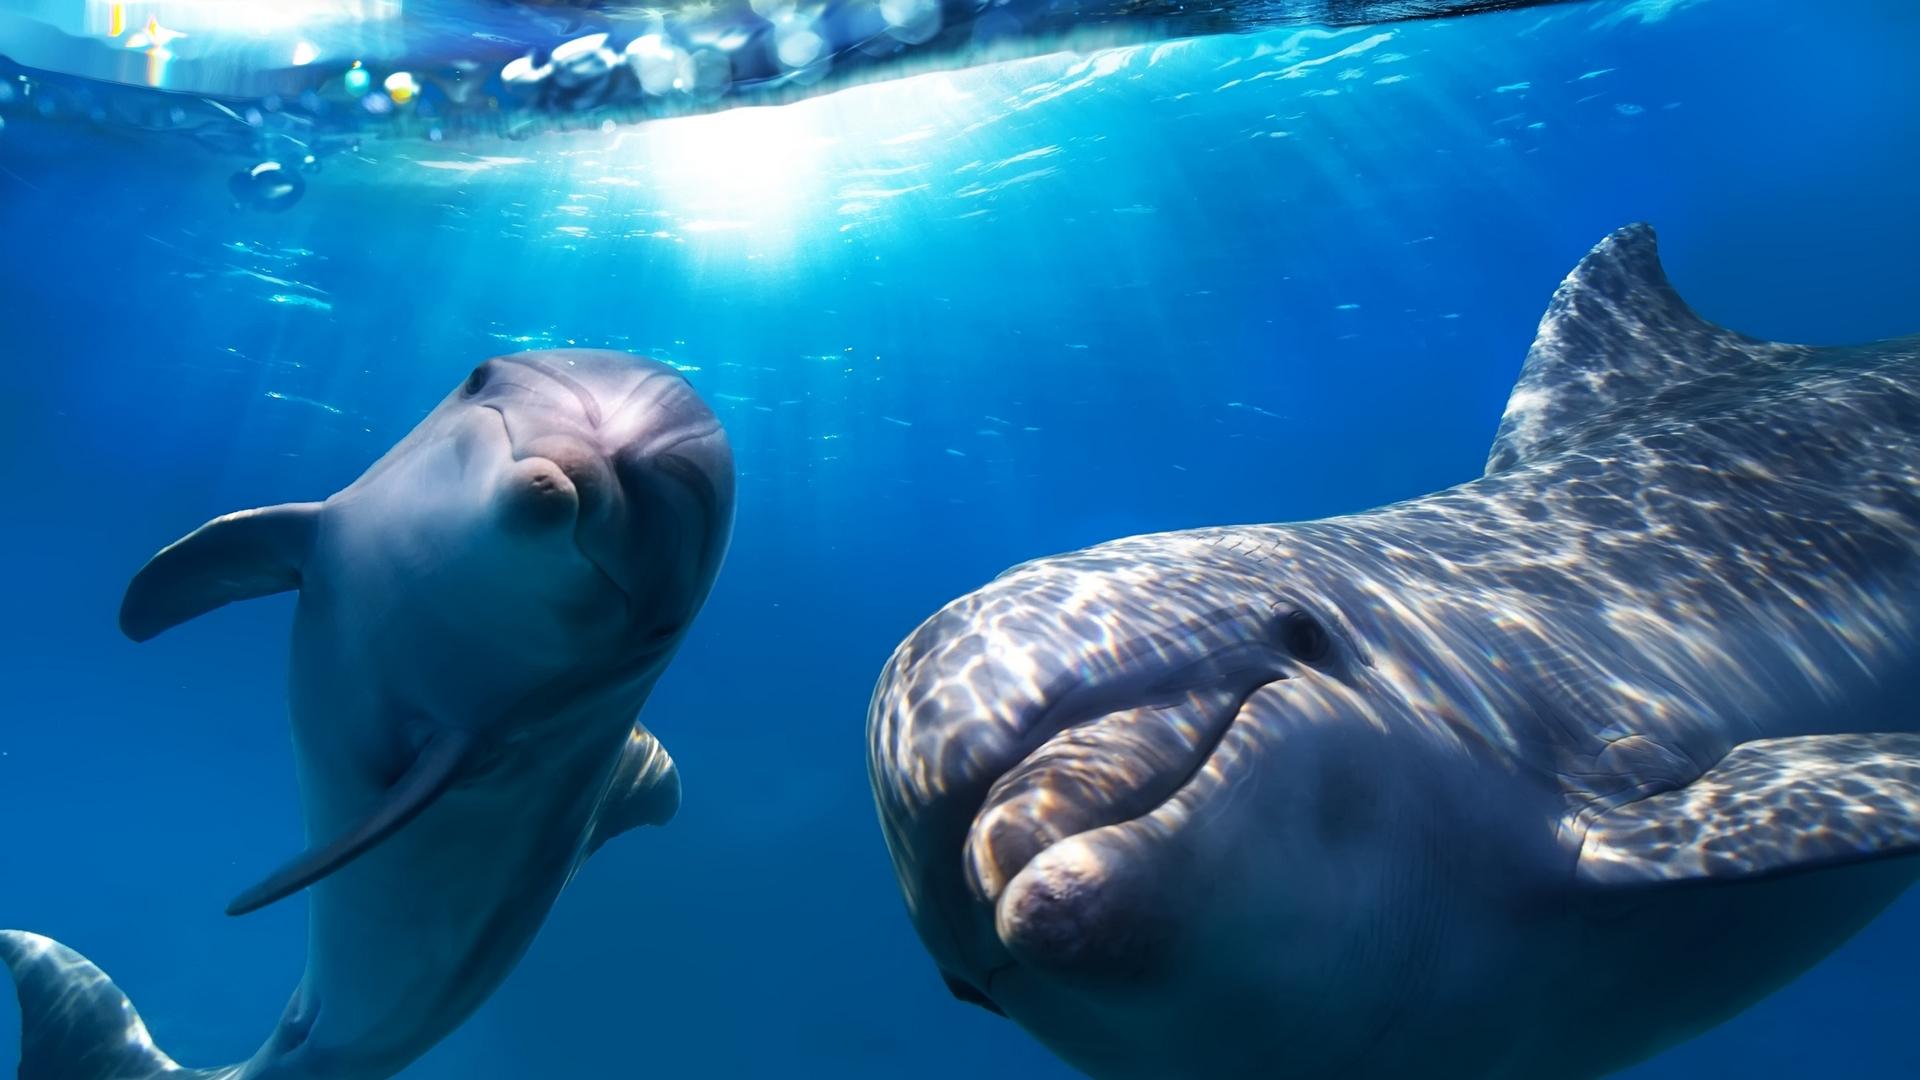 дельфины, глаза, плавники